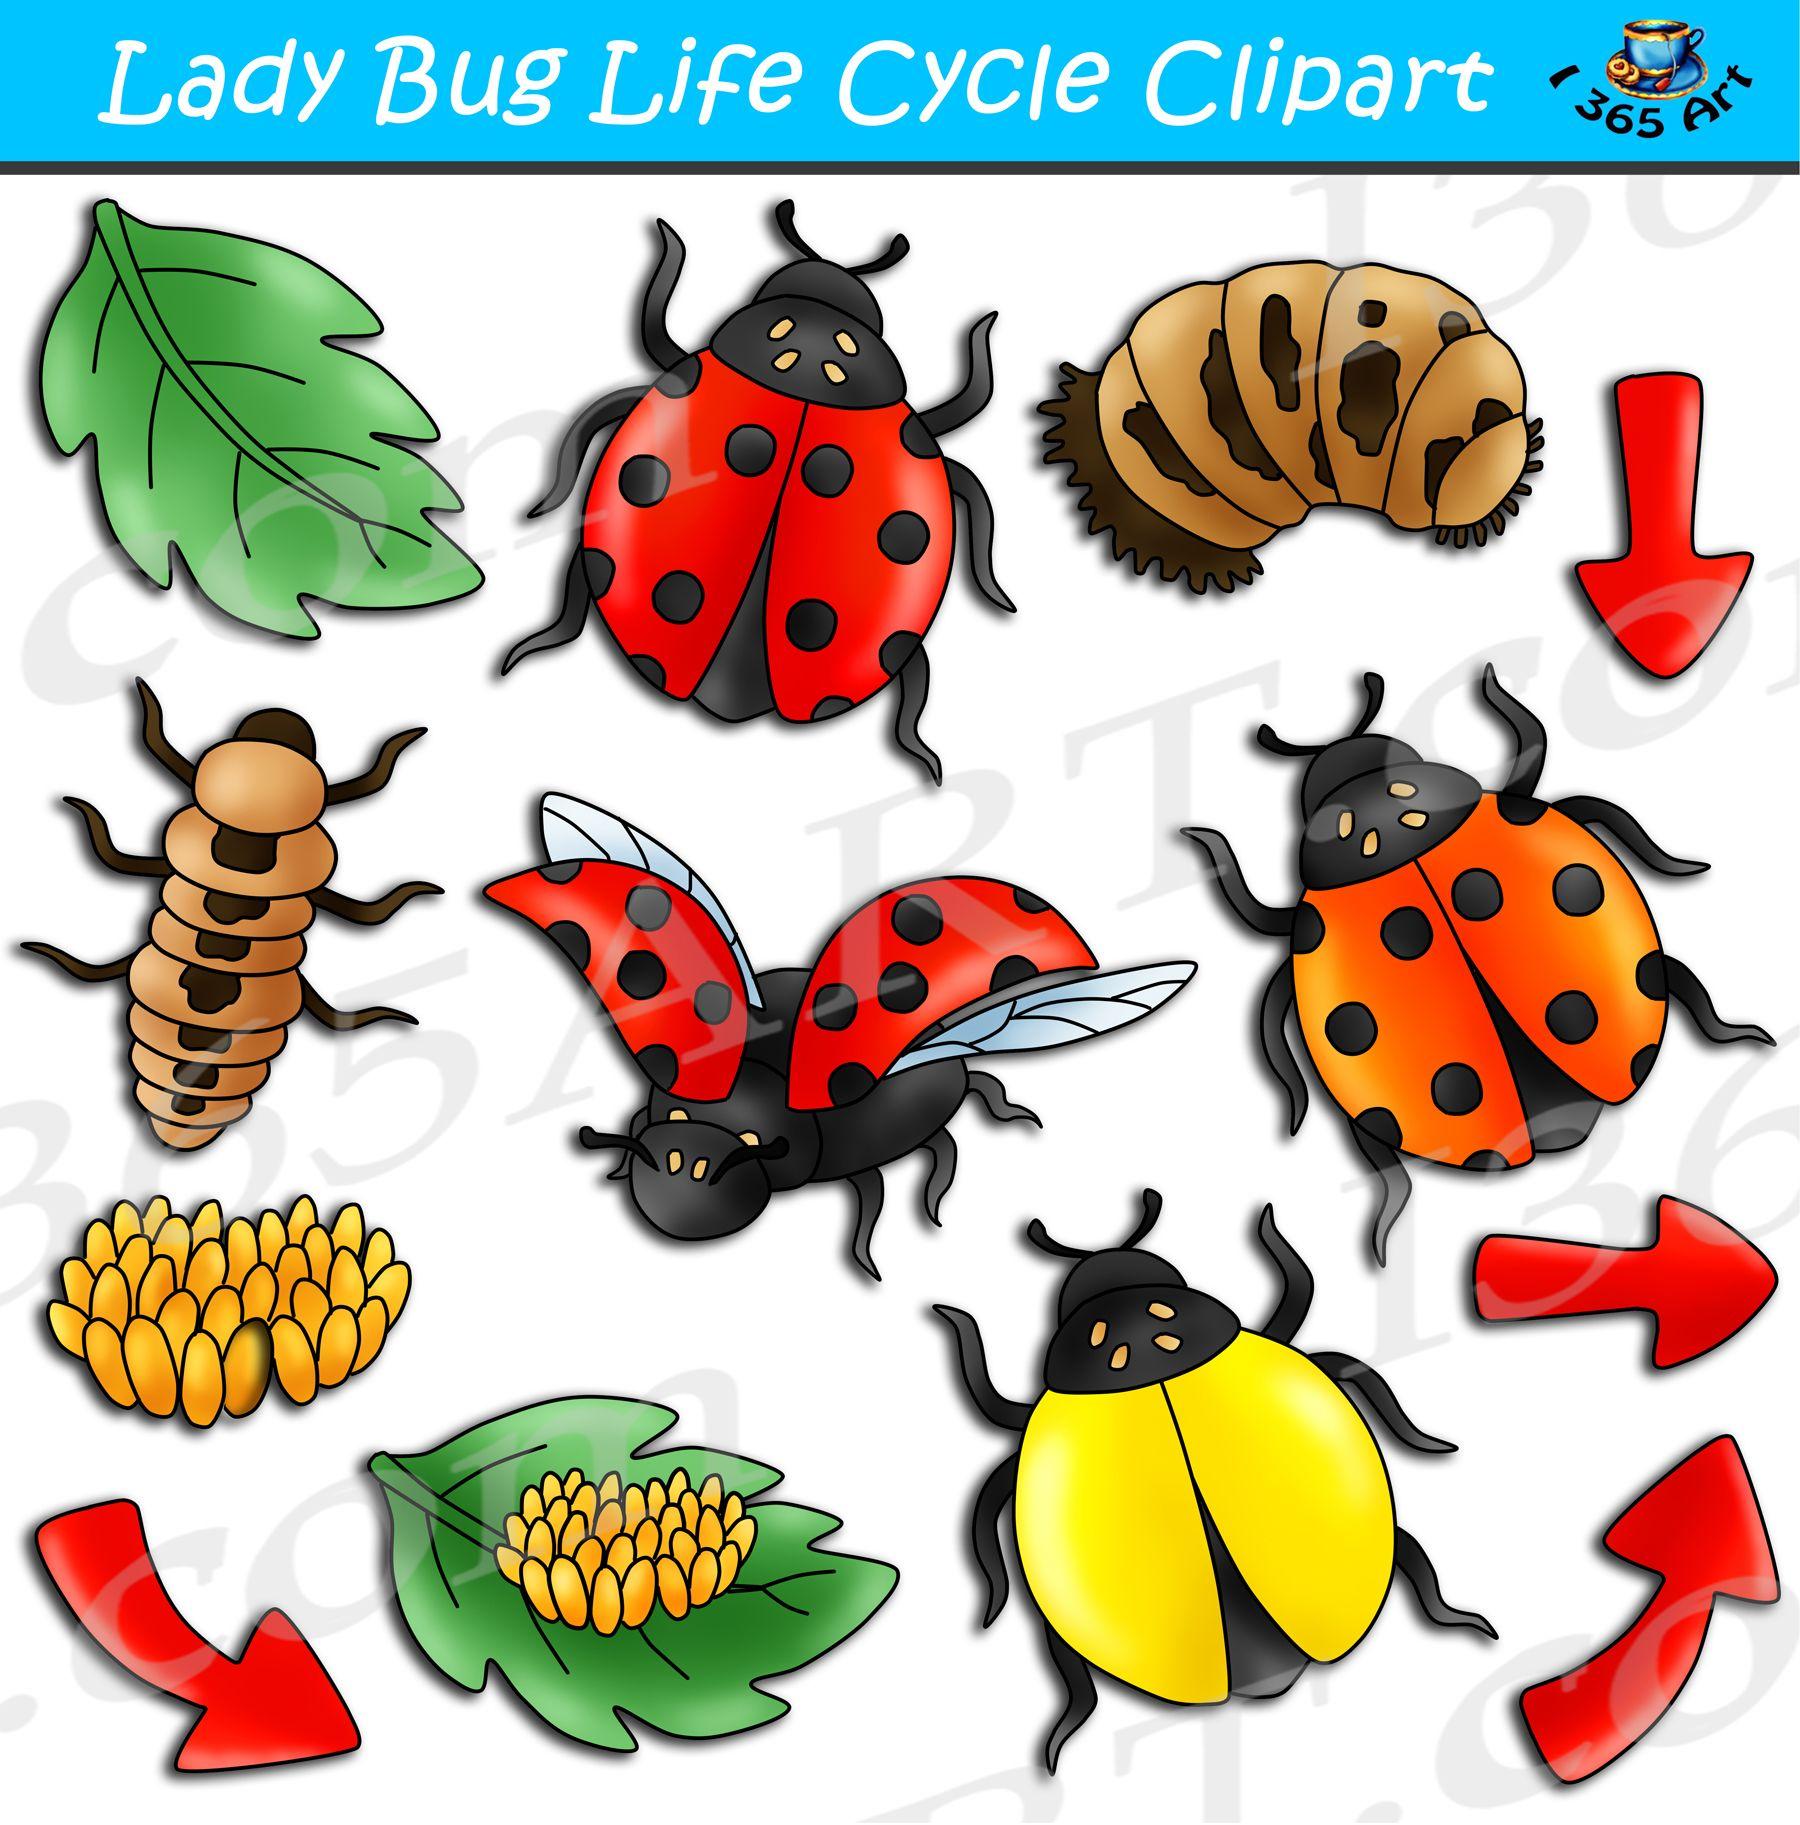 Ladybug Life Cycle Clipart Bundle